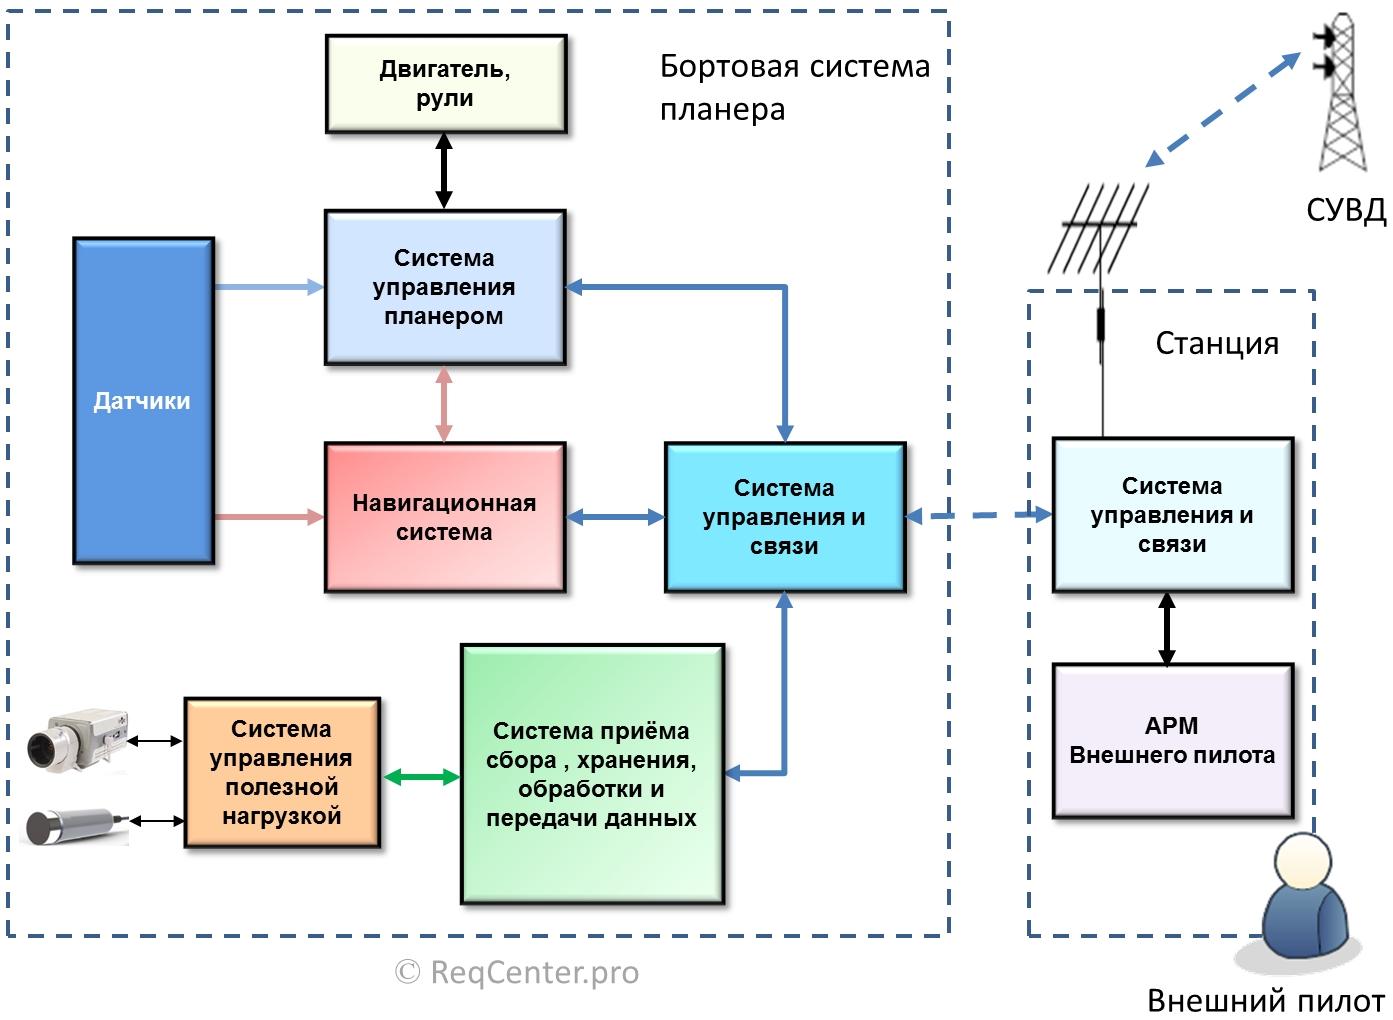 База данных структурная схема